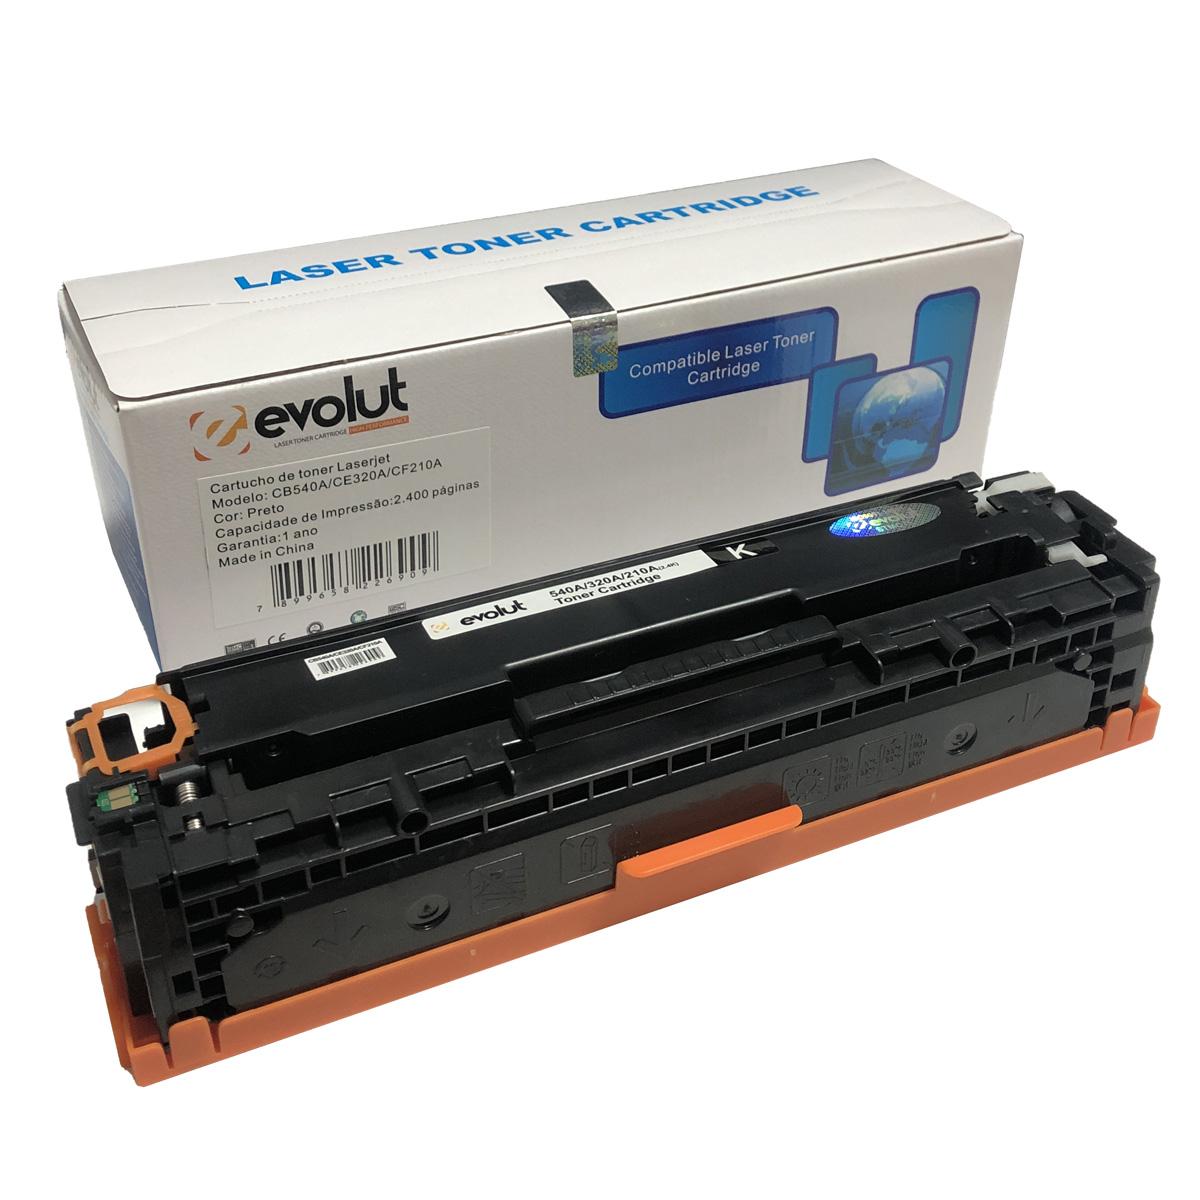 Toner CB540A CE320A CF210A Evolut Compatível com CP1215 CM1415 M251 da HP